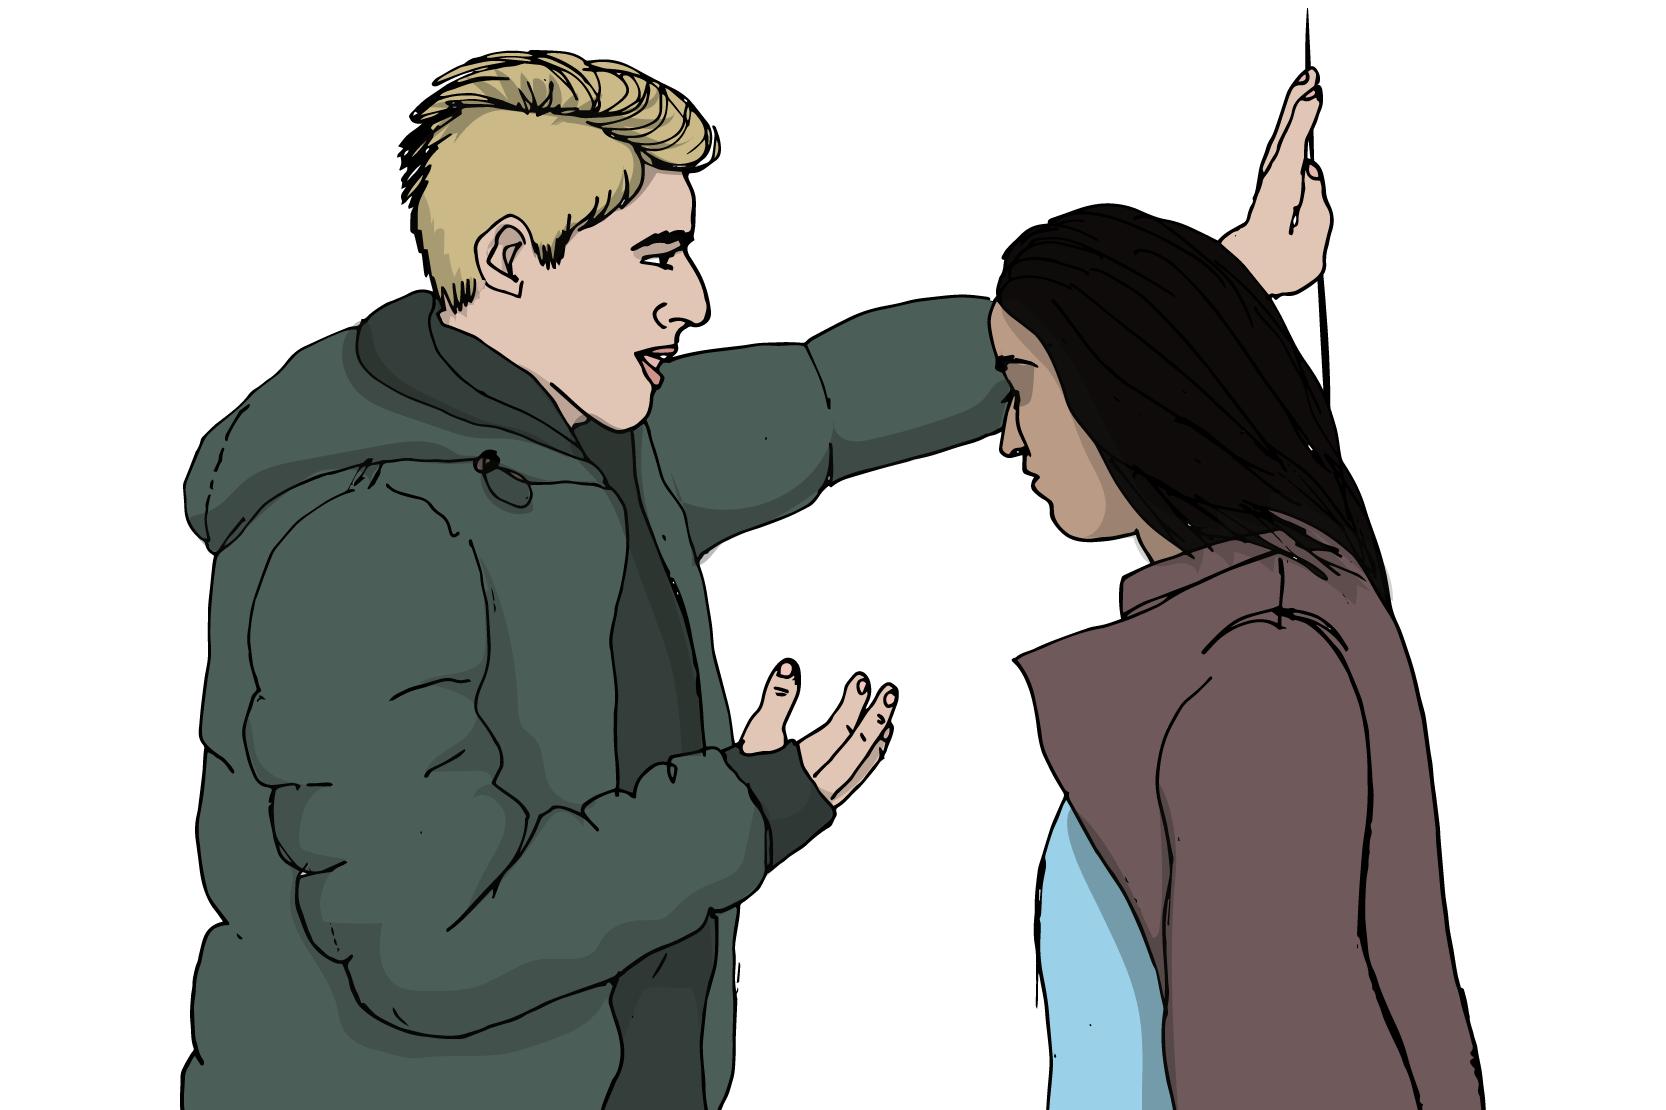 Två personer, den ena står mot en vägg med ansiktet nedåt, den andra som är längre står nära mittemot, lutad med ena handen mot väggen.